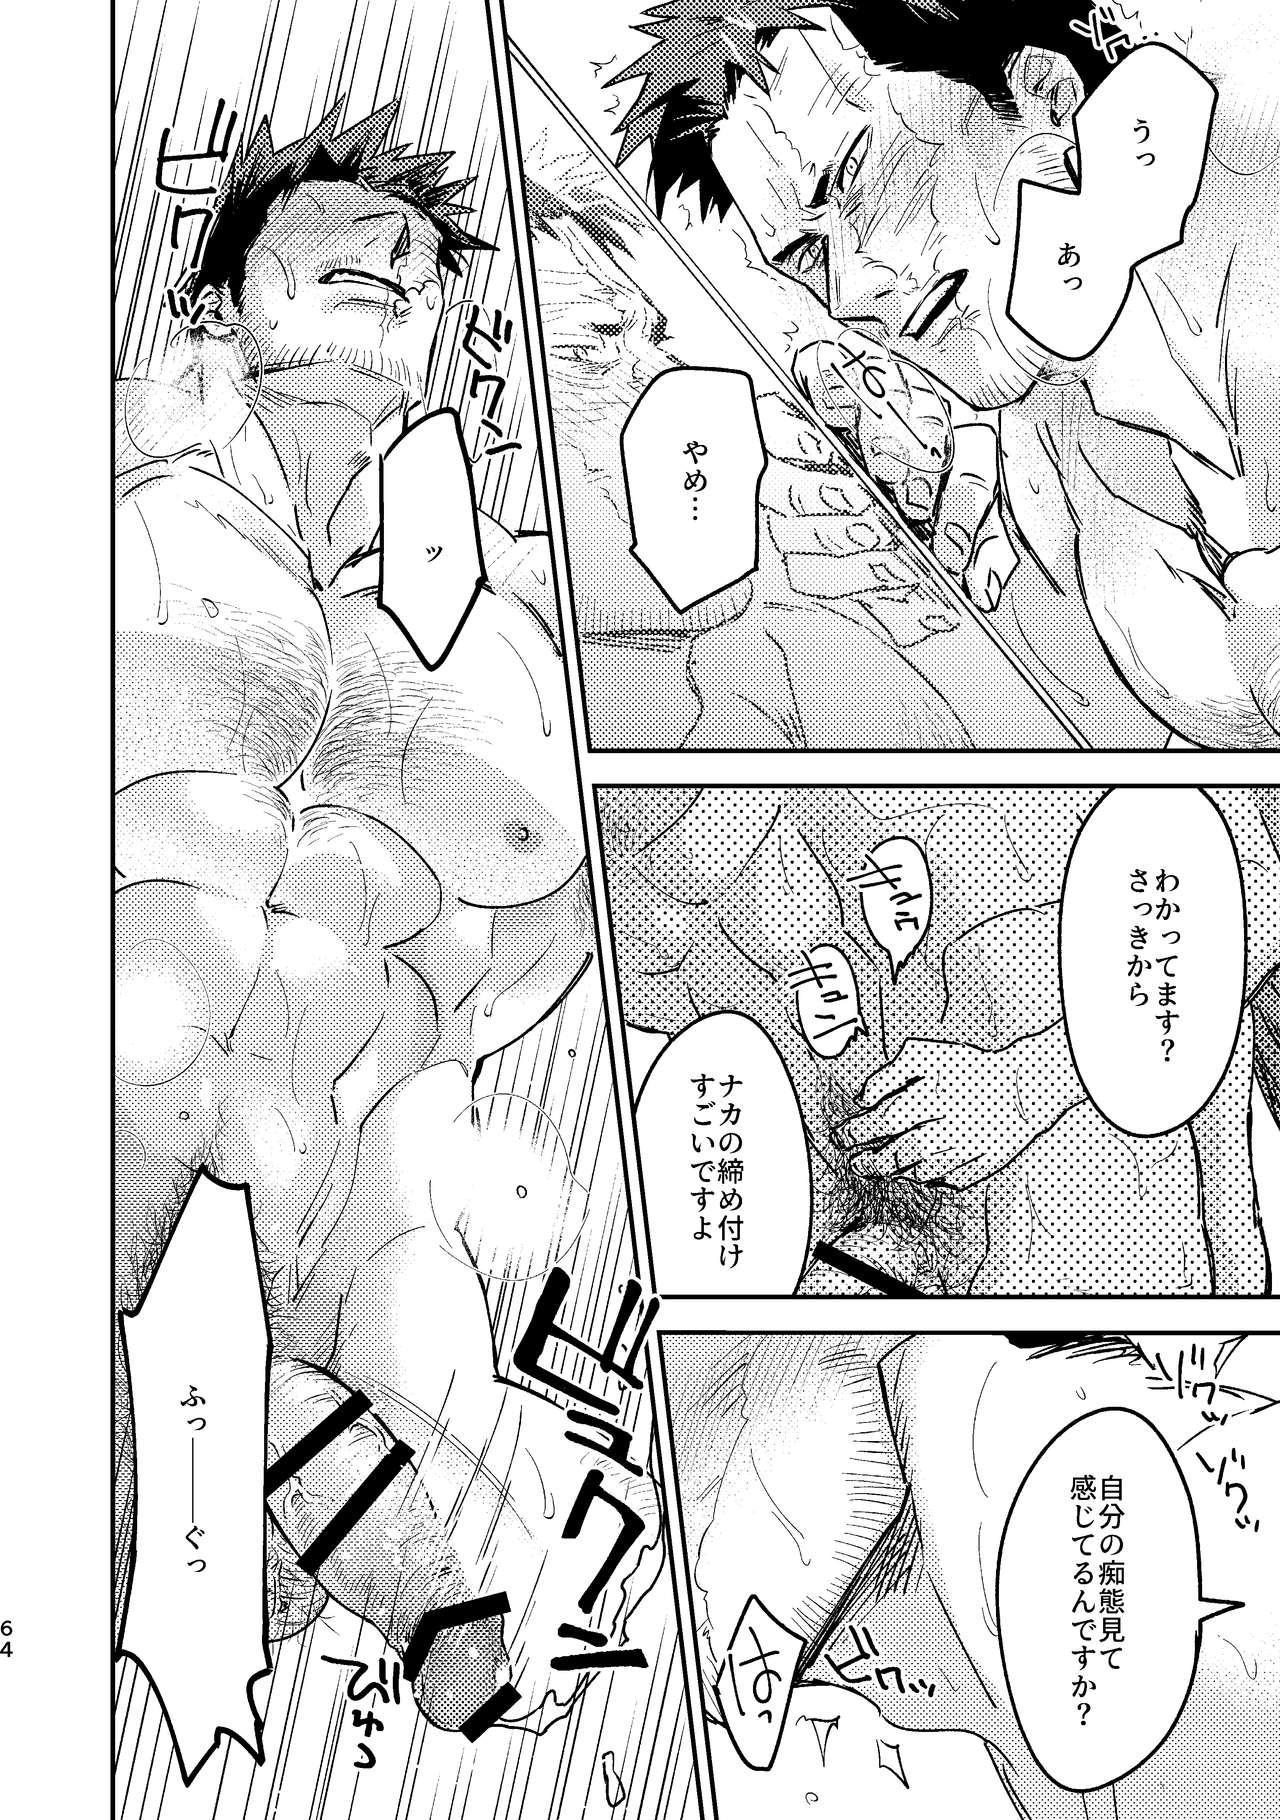 WEB Sairoku Zumi HawEn Manga ga Kami demo Yomeru Hon. 63